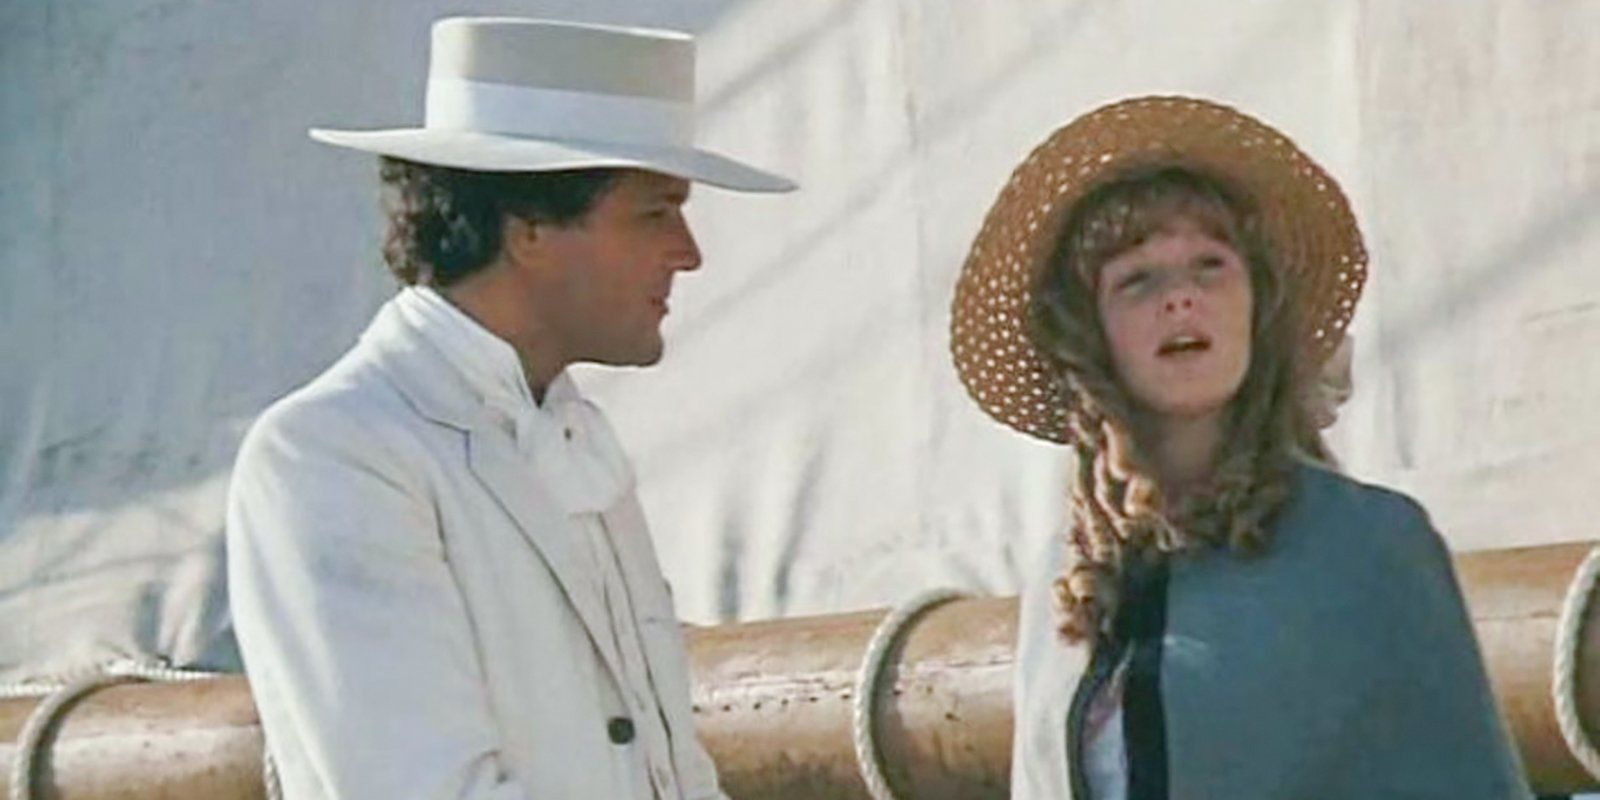 Кадр из сериала «Дети капитана Гранта». Режиссер С. Говорухин. 1985 год